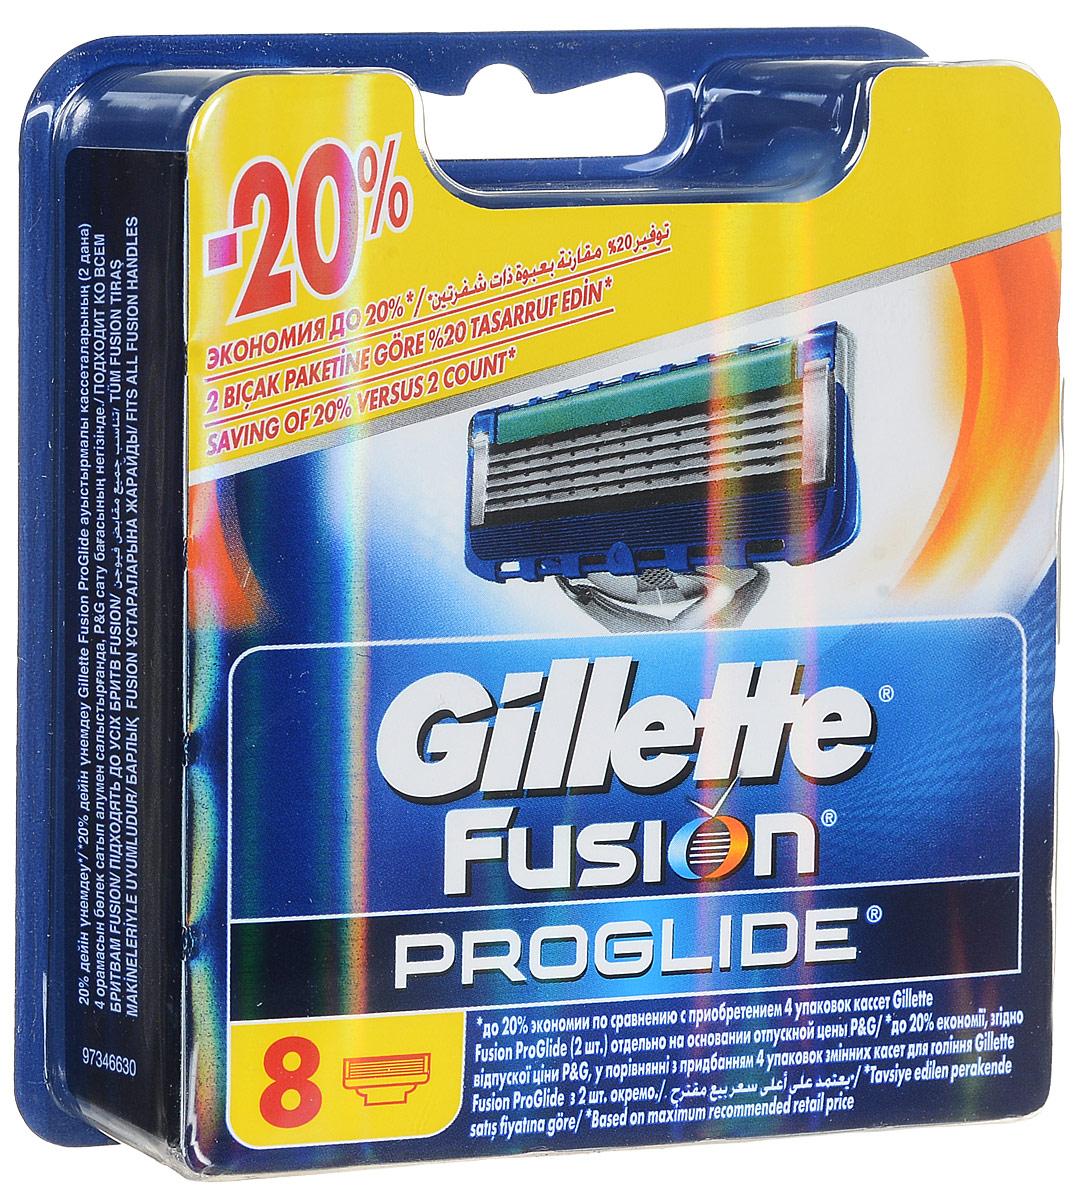 Gillette Сменные кассеты для бритья Fusion ProGlide, 8 шт15339135_без подаркаGillette - лучше для мужчины нет!Gillette Fusion ProGlide – это самая инновационная бритва от Gillette, которая обеспечивает действительно революционное скольжение и гладкость бритья.Новая бритва оснащена самыми тонкими лезвиями от Gillette со специальным покрытием, снижающим сопротивление. Для революционного скольжения и невероятной гладкости бритья, даже по сравнению с Fusion.Невооруженным глазом вы можете не заметить все последние инновации в НОВЫХ бритвах Gillette Fusion ProGlide и Gillette Fusion ProGlide Power, но после первого раза вы почувствуете, что бритье превратилось в скольжение. - При покупке упаковки сменных кассет ProGlide или ProGlide Power из 8 шт. вы экономите до 20% по сравнению с покупкой четырех упаковок из 2 шт. (на основании отпускной цены Procter&Gamble). - Самые тонкие лезвия от Gillette для революционного скольжения и гладкости бритья (первые лезвия в кассетах Fusion ProGlide тоньше, чем лезвия Fusion).- Технология из 5 лезвий обеспечивает меньшее давление на кожу по сравнению с бритвами Mach 3.- Расширенная увлажняющая полоска с минеральными маслами и полимерами обеспечивает лучшее скольжение.- Каналы для удаления излишков геля гарантируют максимально комфортное бритье.- Улучшенное лезвие-триммер оптимизирует бритье на сложных участках: виски, область под носом, шея.- Стабилизатор лезвий поддерживает оптимальное расстояние между лезвиями во время бритья.Товар сертифицирован.